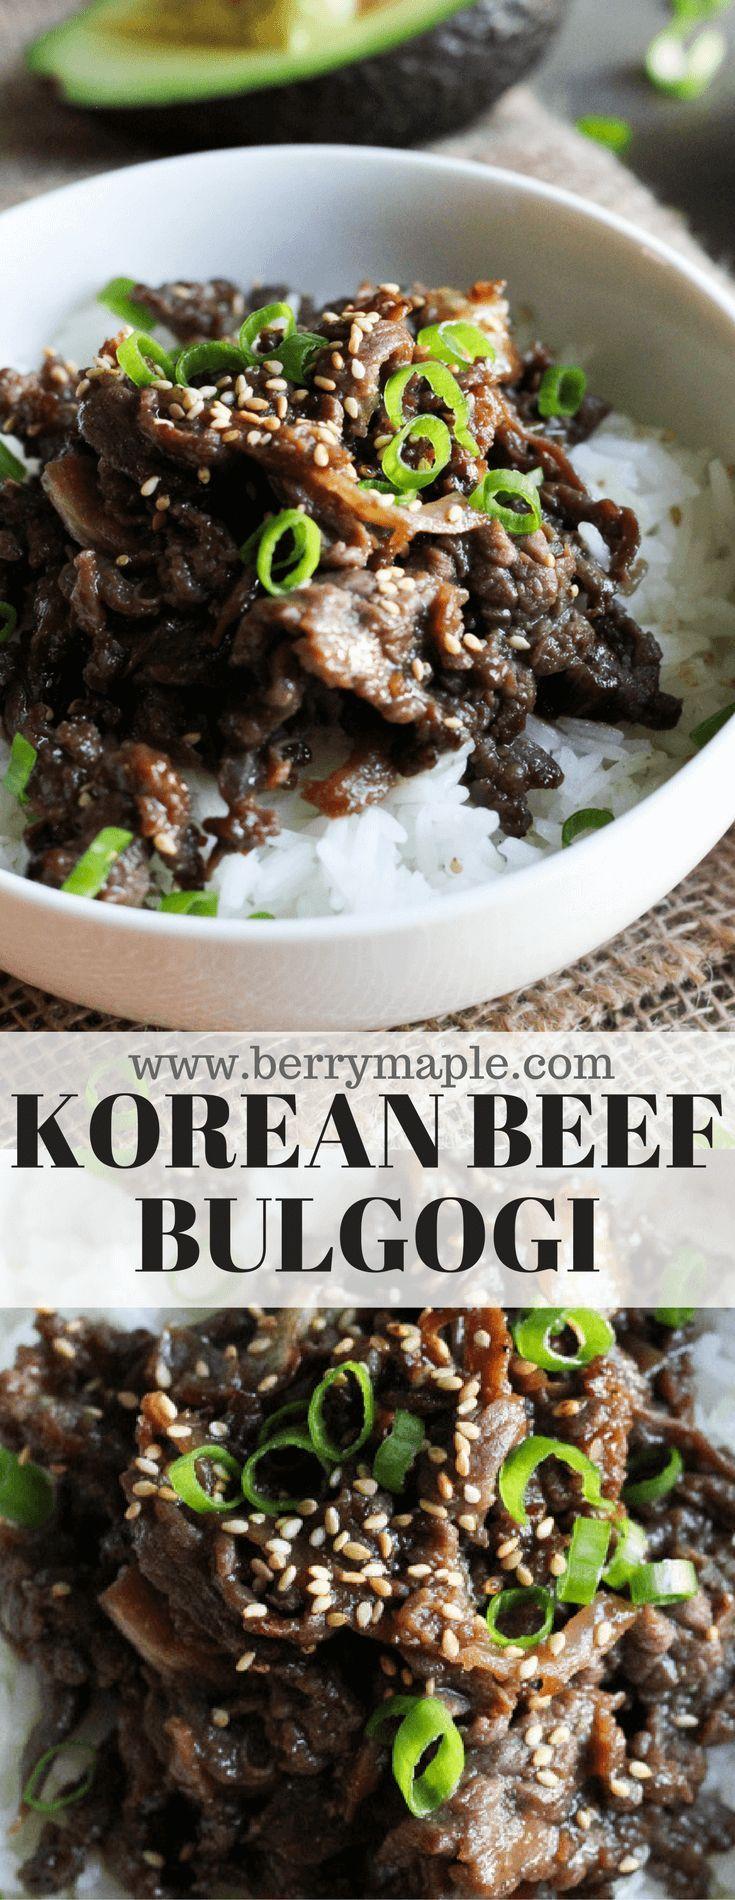 Mein koreanisches Mittagessen 25.10.18Bestes koreanisches Rindfleisch-Bulgogi. Bulgogi mit koreanischem Rindfleisch …